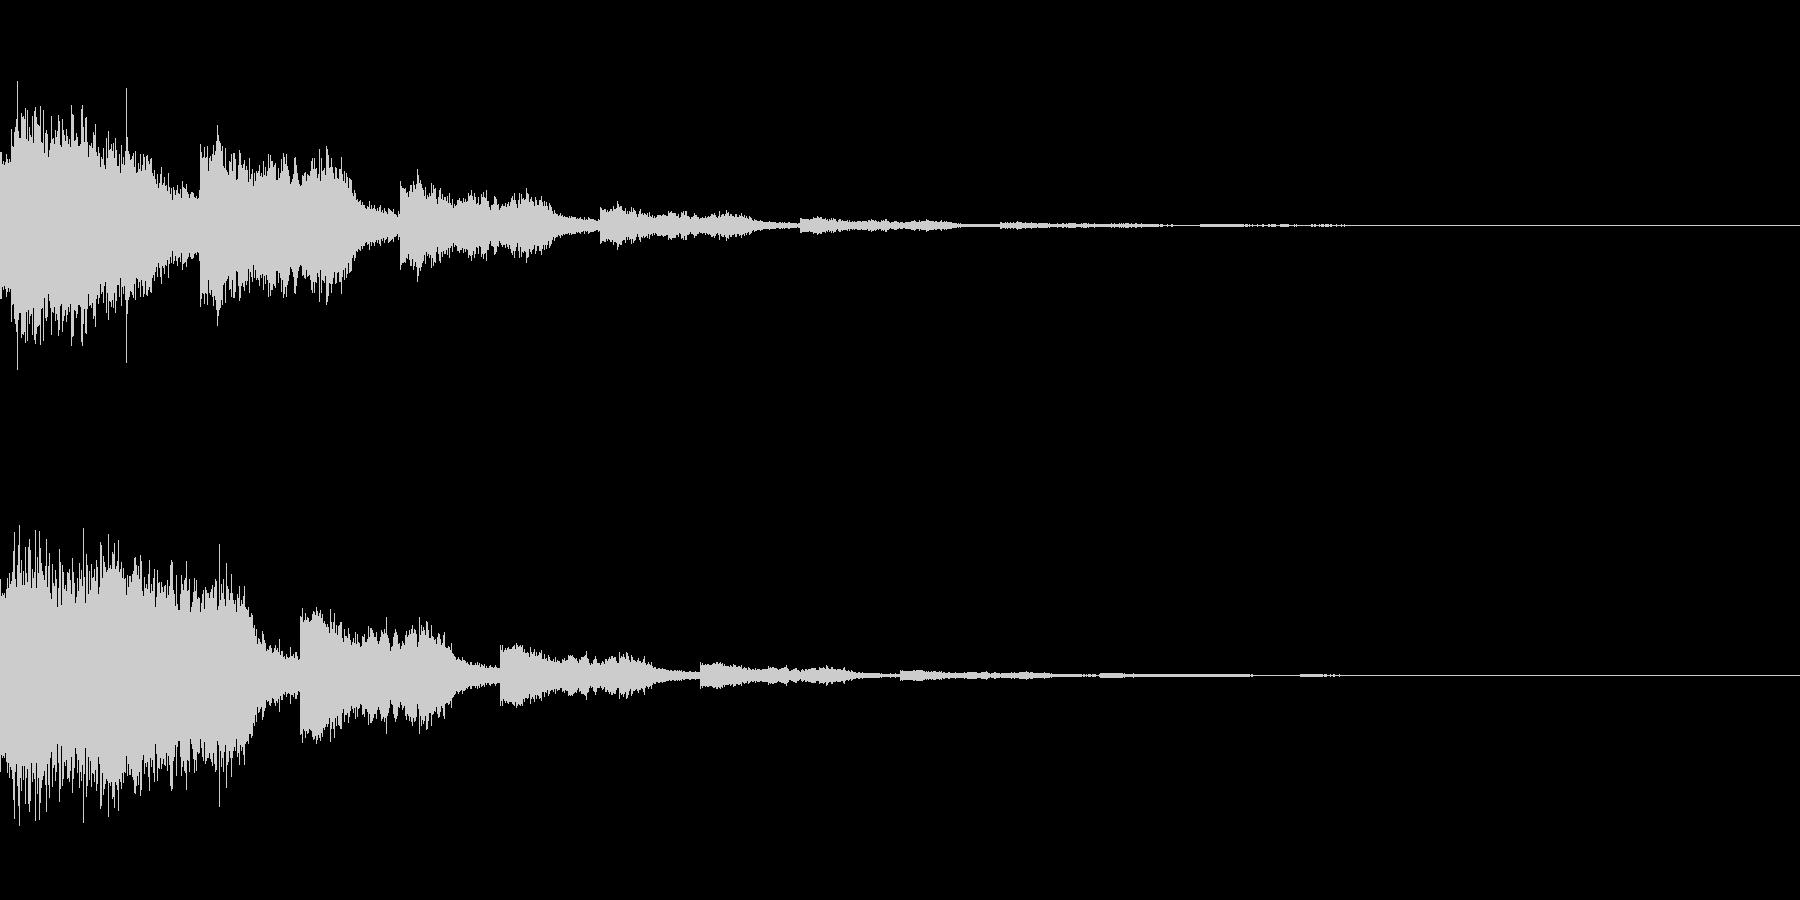 ワープ/移動/魔法/念力/波動/効果音の未再生の波形